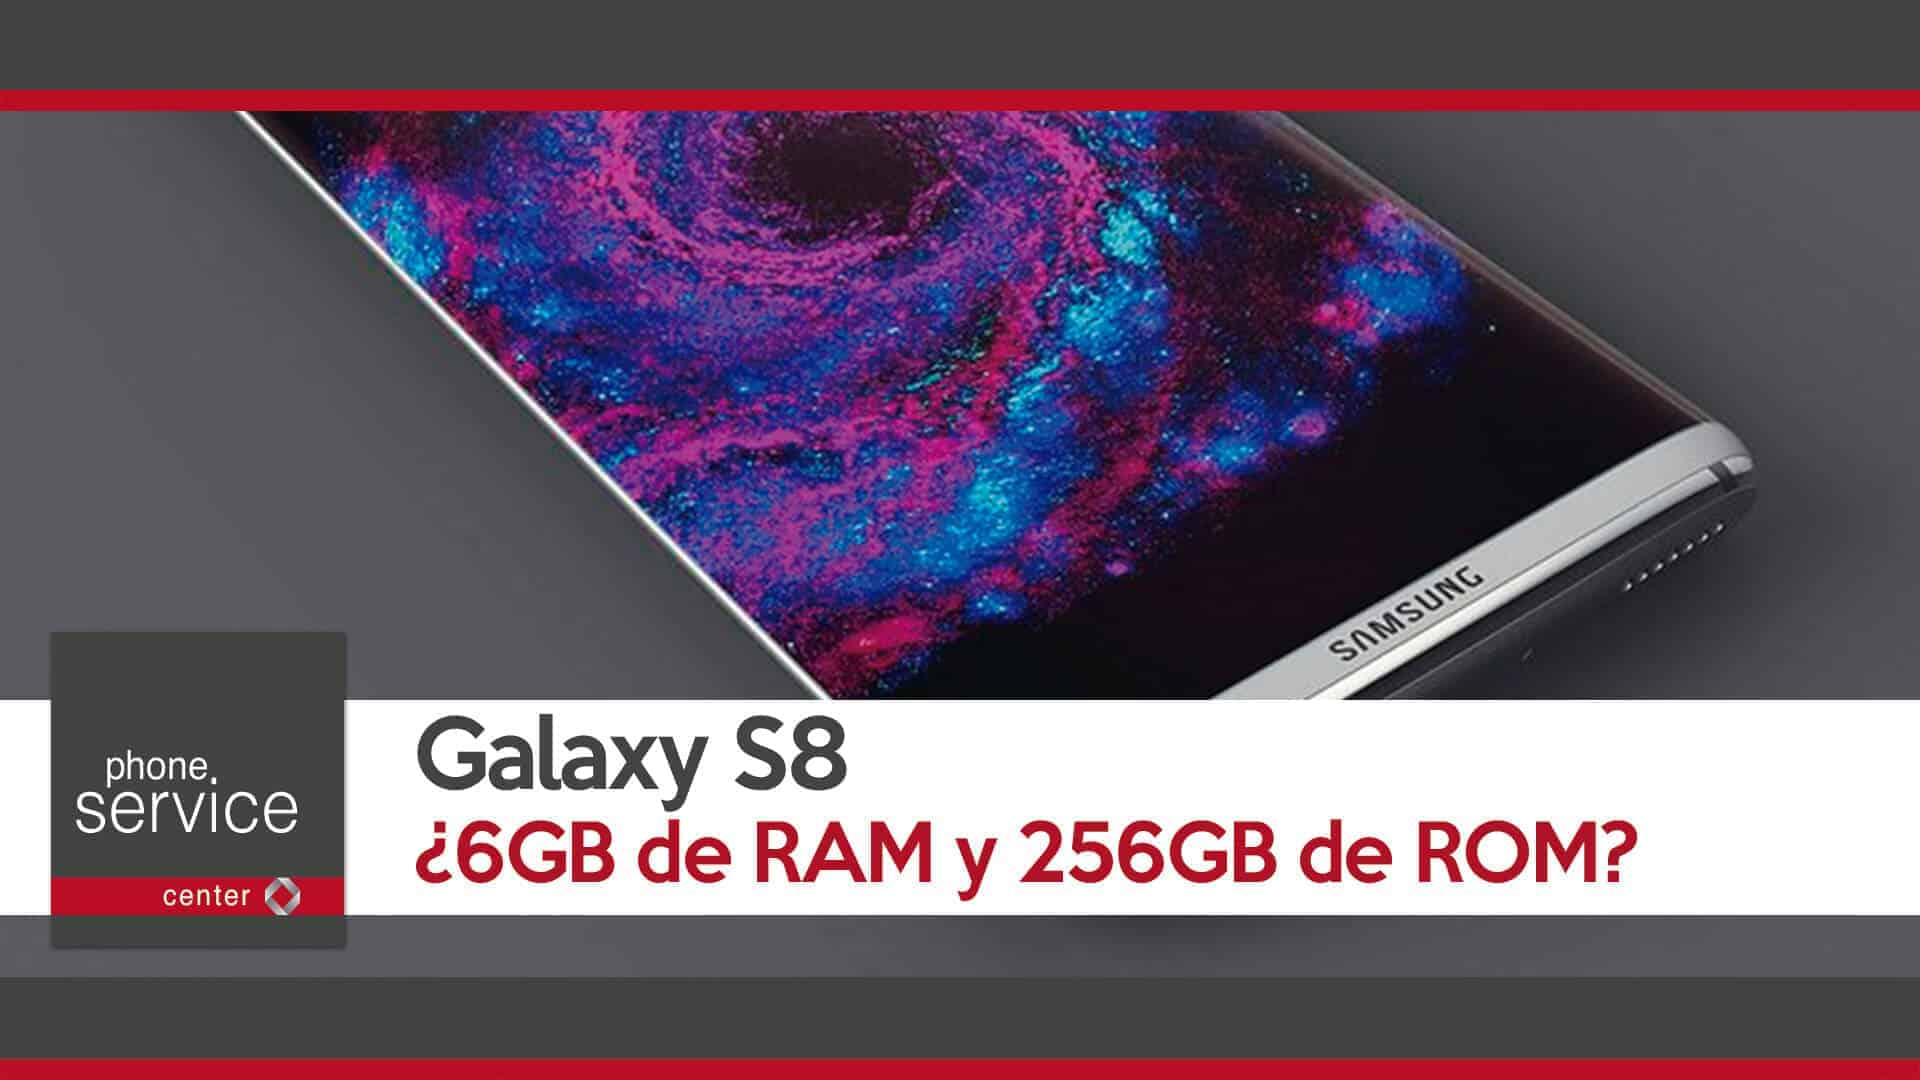 El Galaxy S8 se supera en RAM y ROM